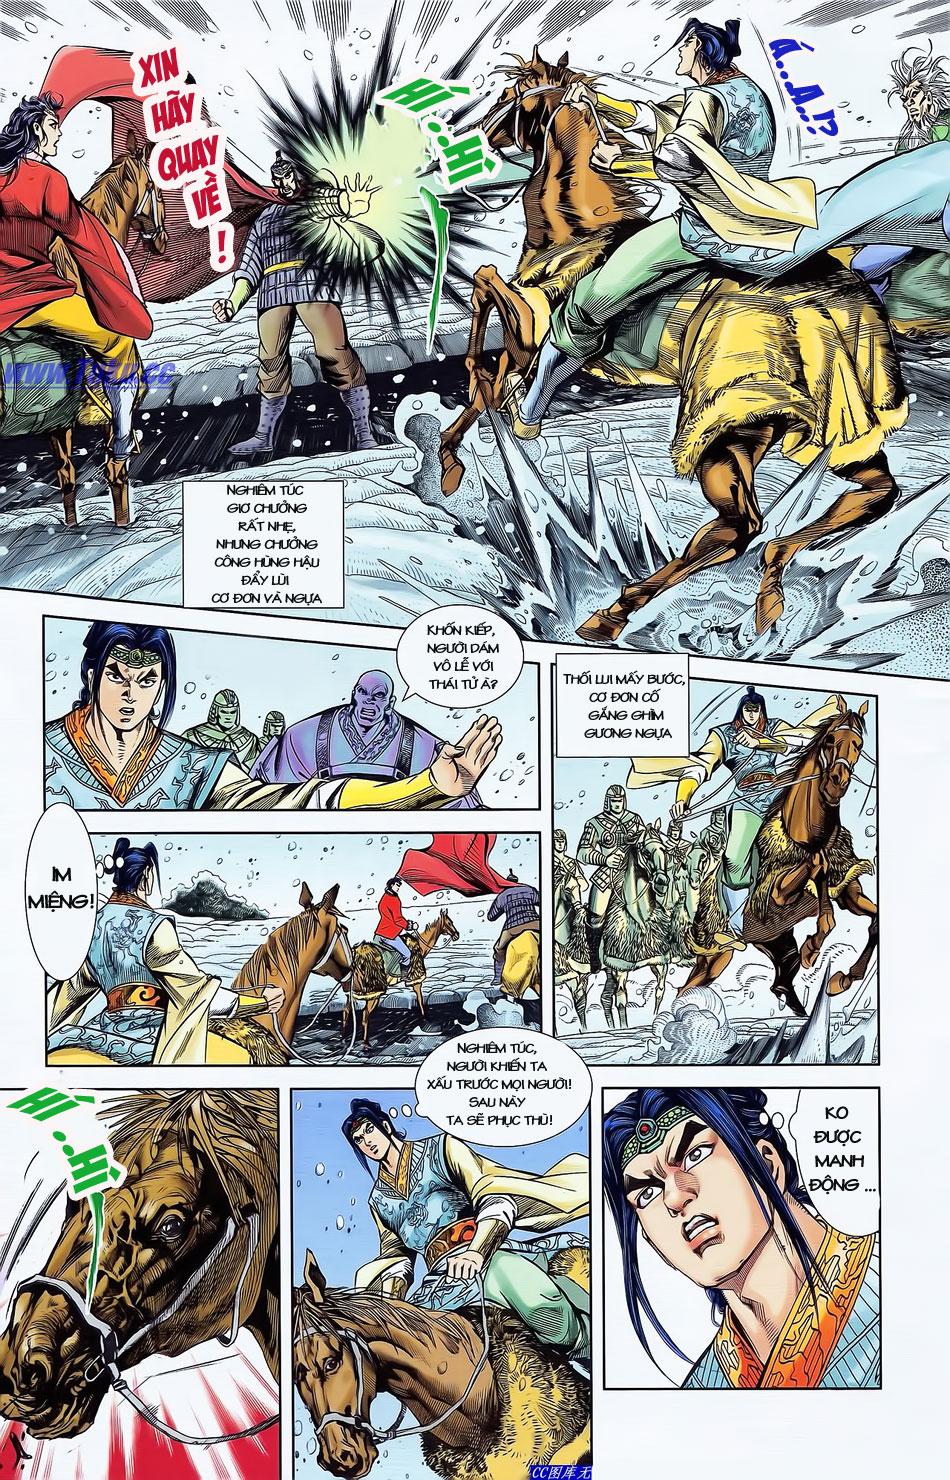 Tần Vương Doanh Chính chapter 4 trang 16